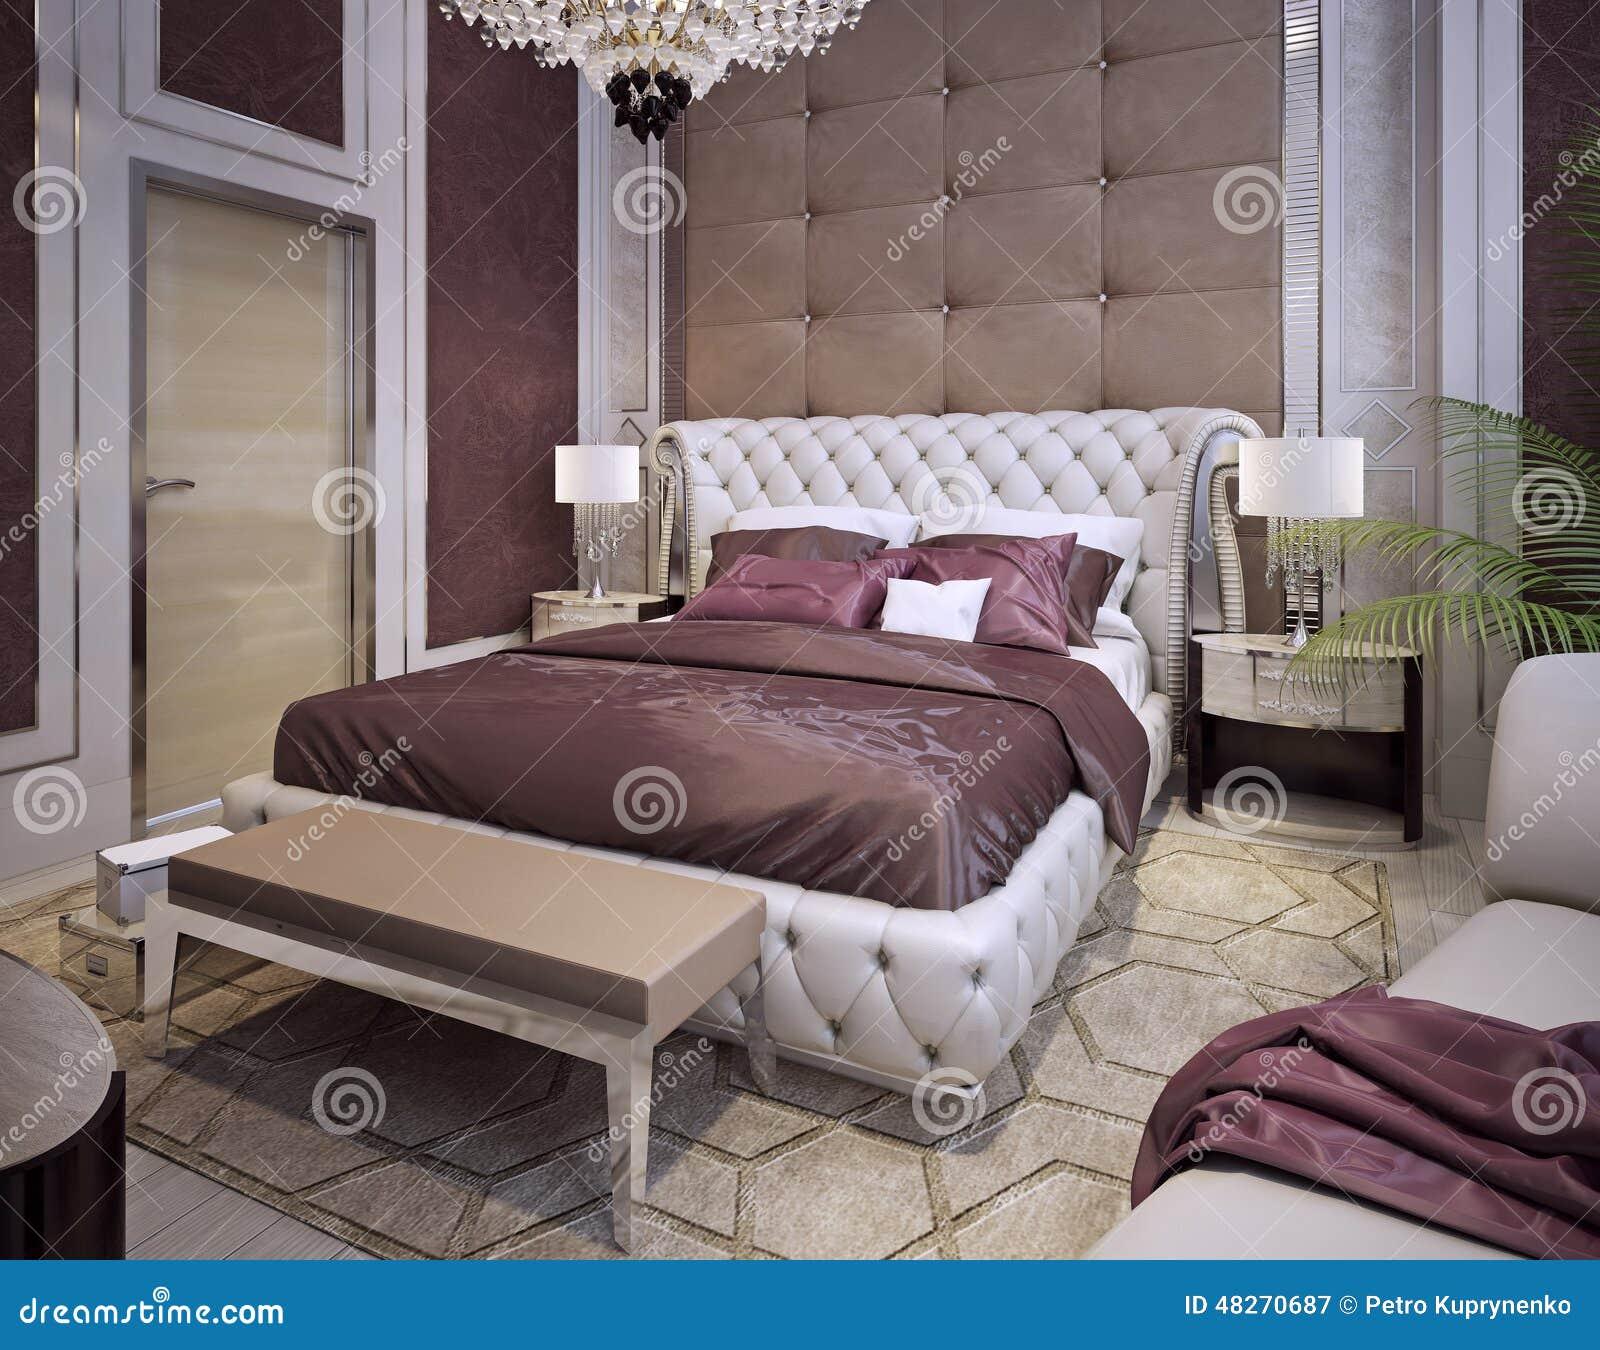 camas y cabeceros en un estilo clsico lujoso stock de ilustracin